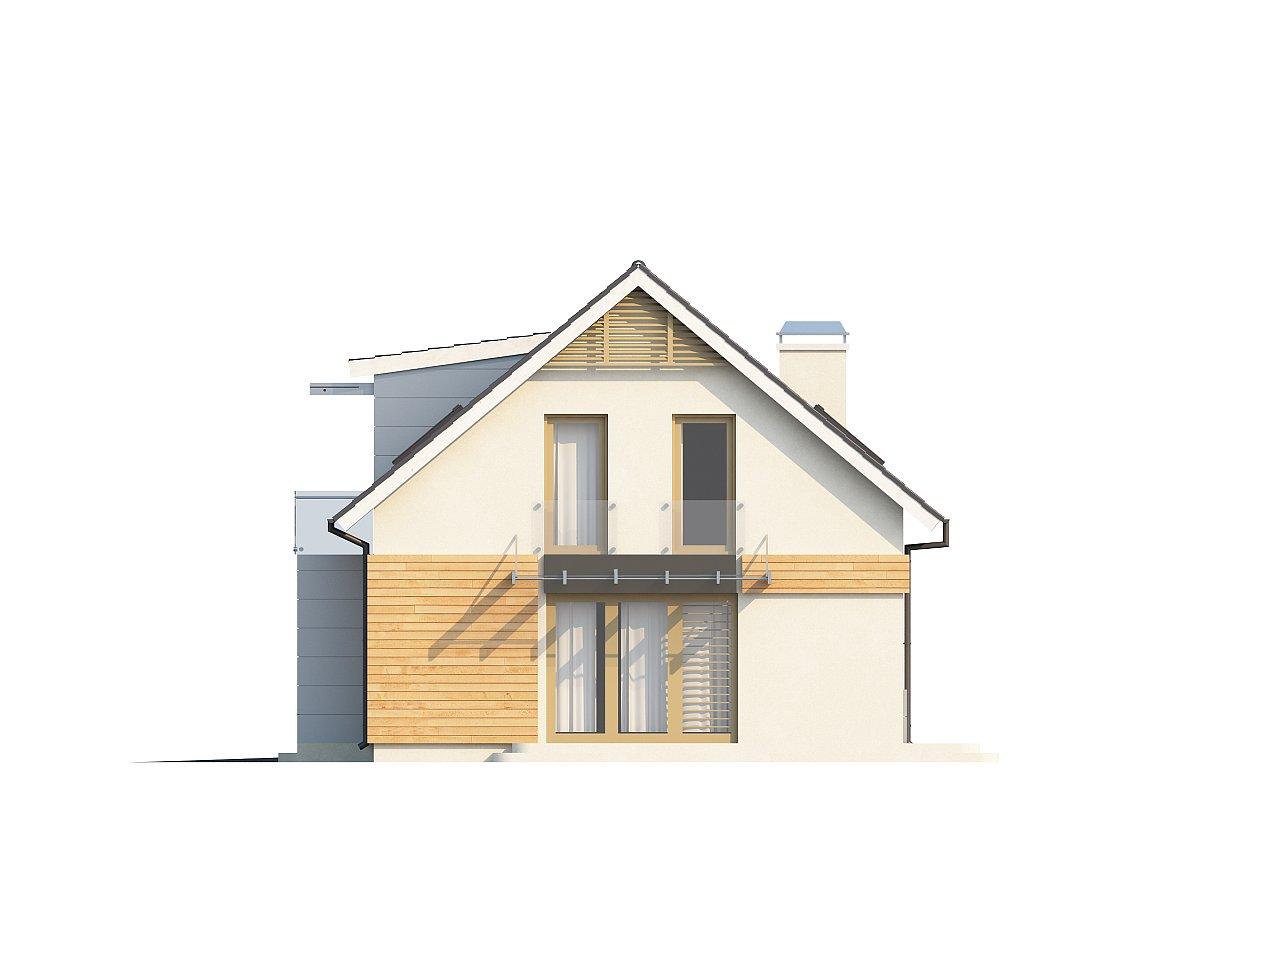 Проект дома с гаражом, с возможностью его использования в качестве двухсемейного. 6